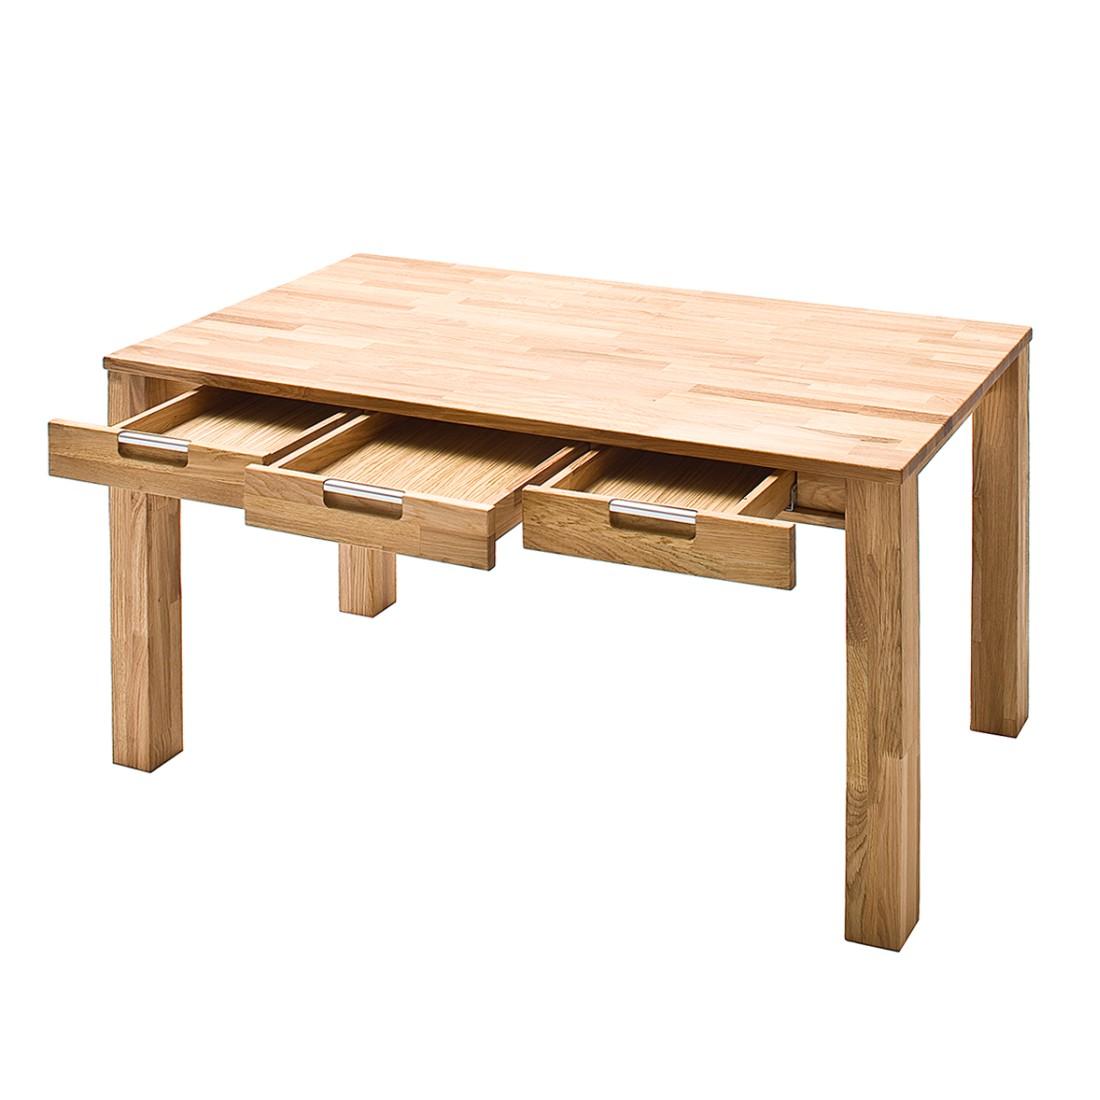 Schreibtisch lumberjack kernbuche massiv ge lt b rotisch for Schreibtisch kernbuche